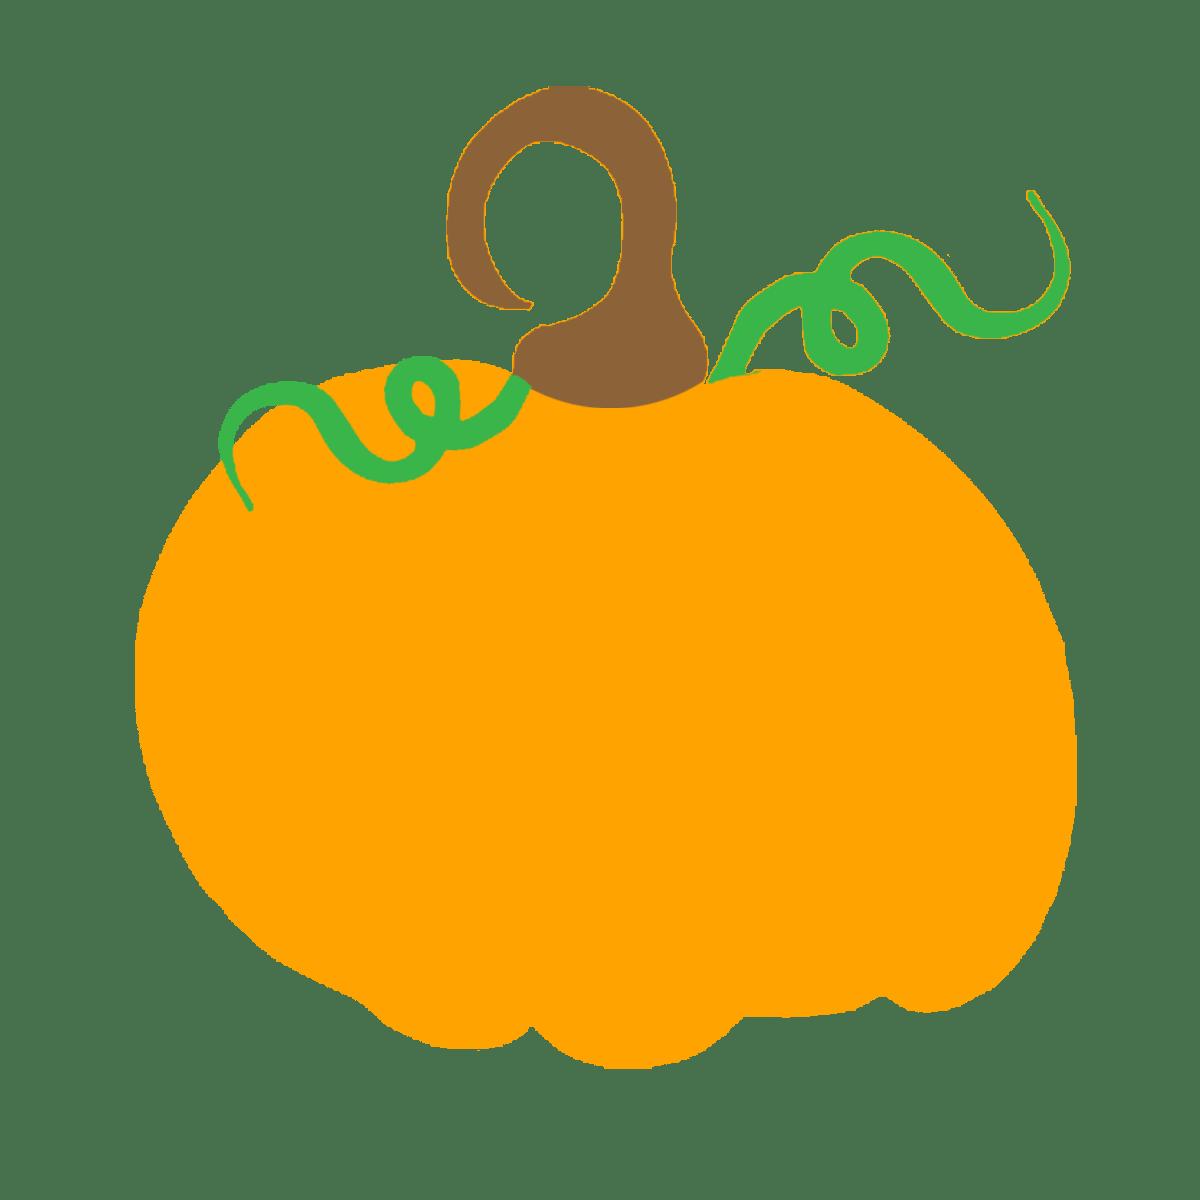 hight resolution of 1200x1200 pumpkins halloween pumpkin clip art free clipart images